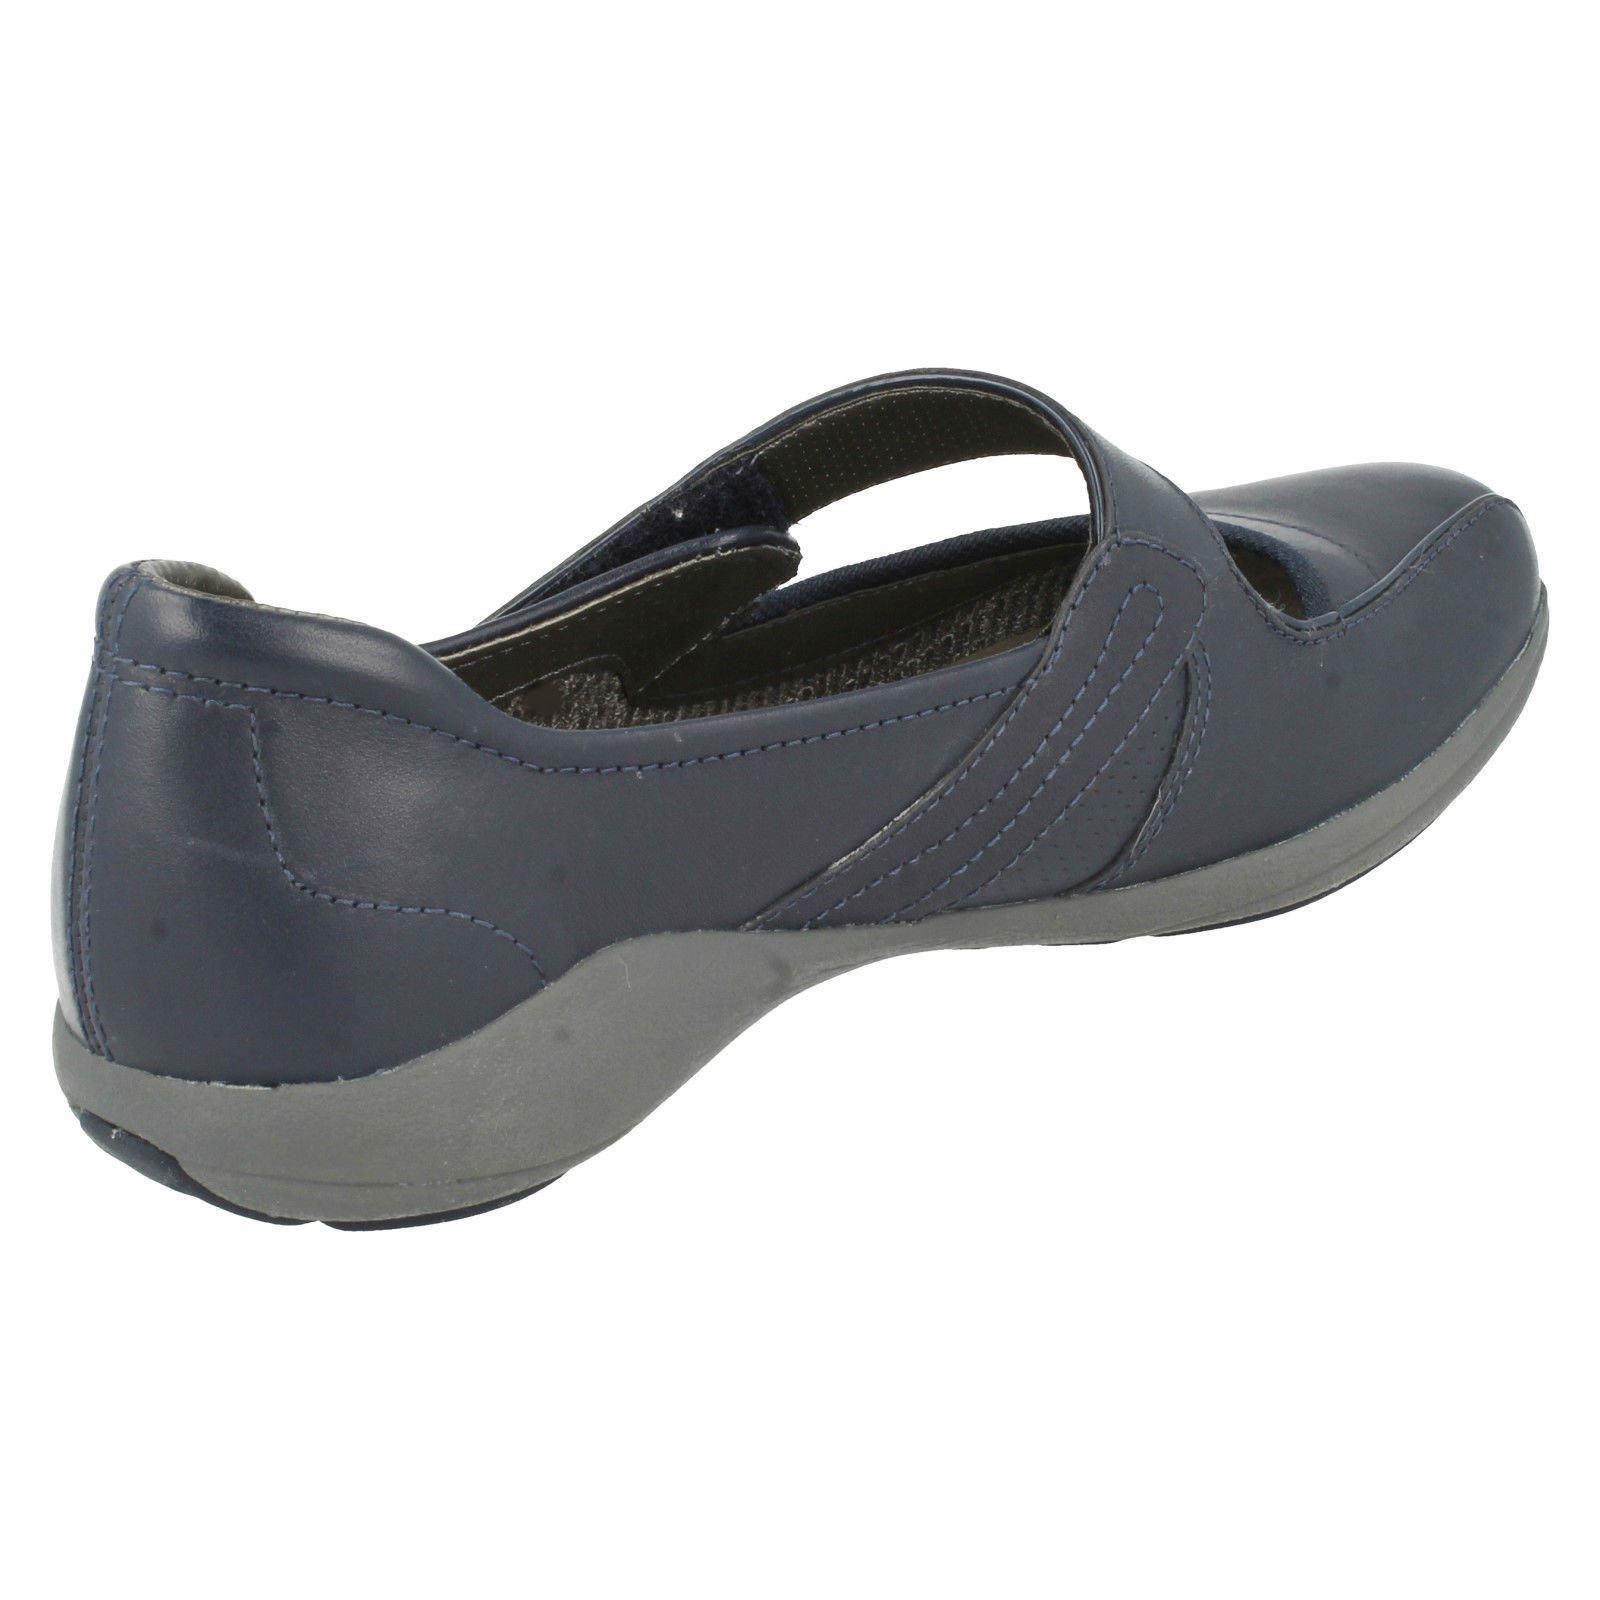 Zapatos de Cuero Damas Clarks Active Air Estilo-Indigo Bar